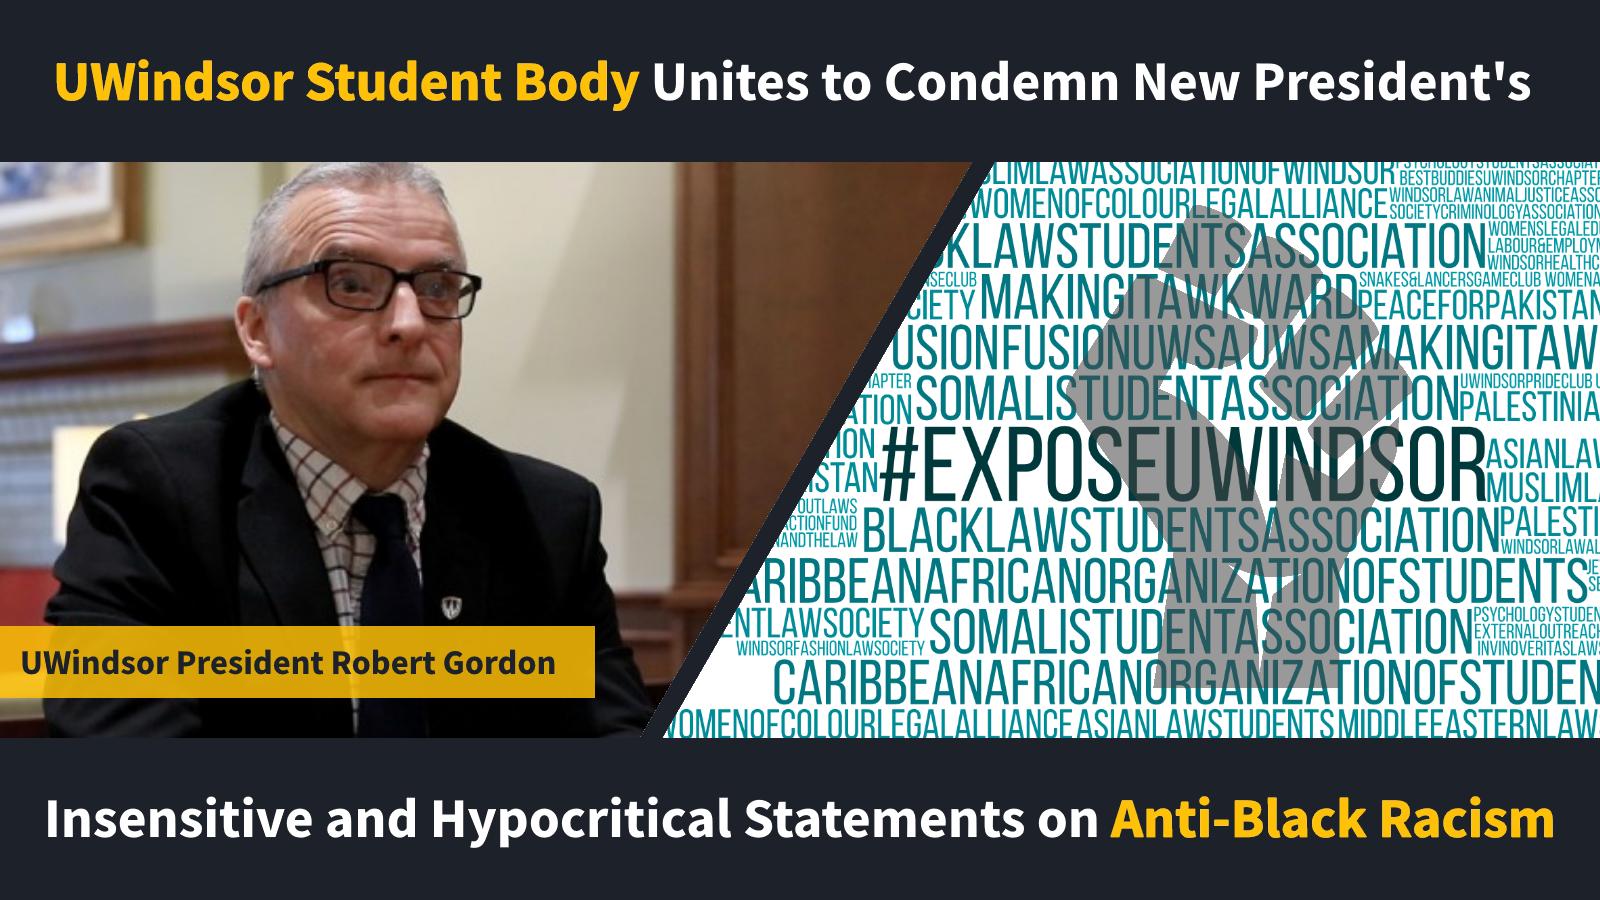 Robert Gordon Looking Guilty